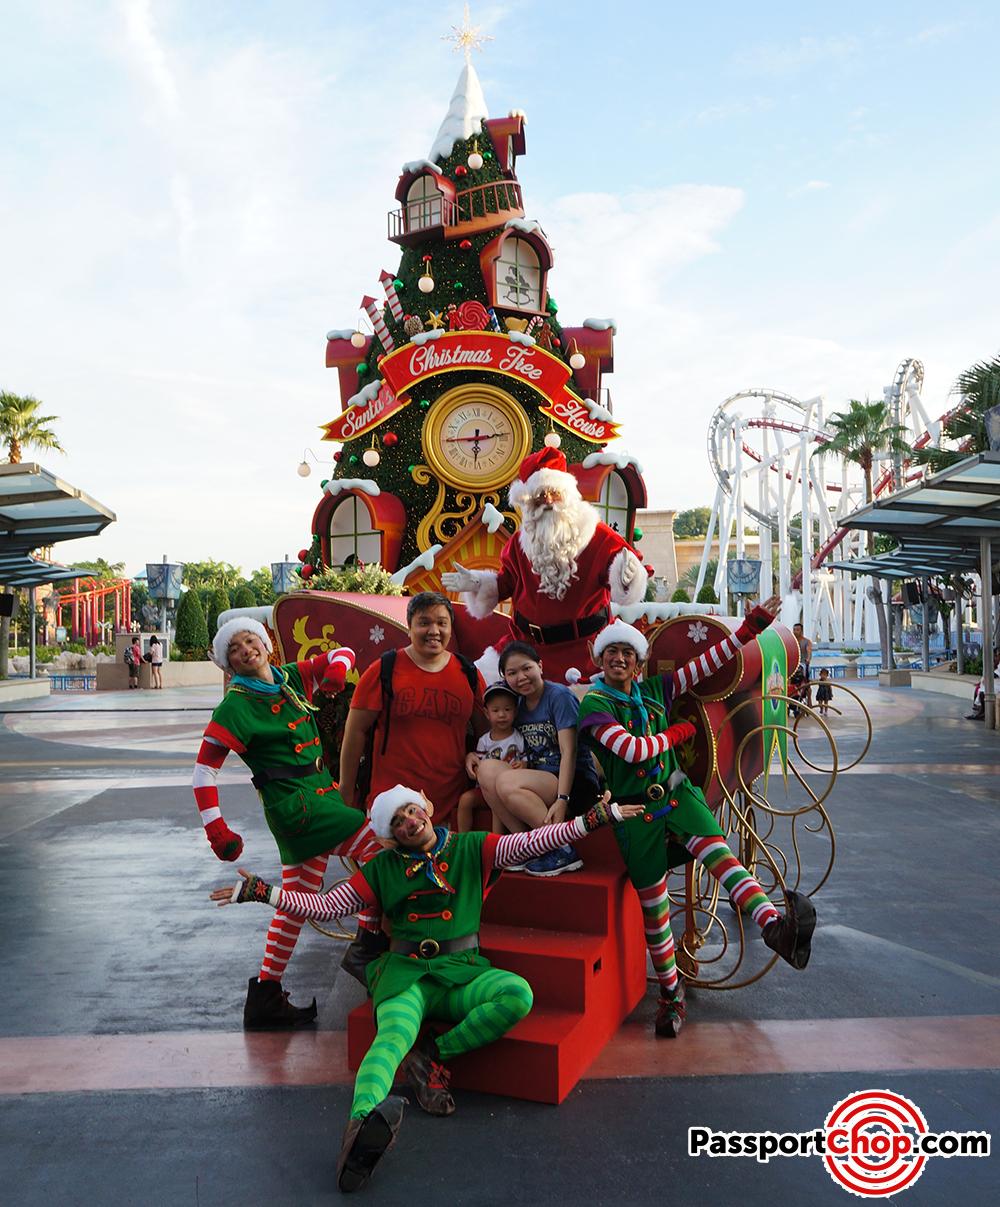 Santas Snowy Sleigh Ride Parade Hollywood New York Universal Studios Singapore